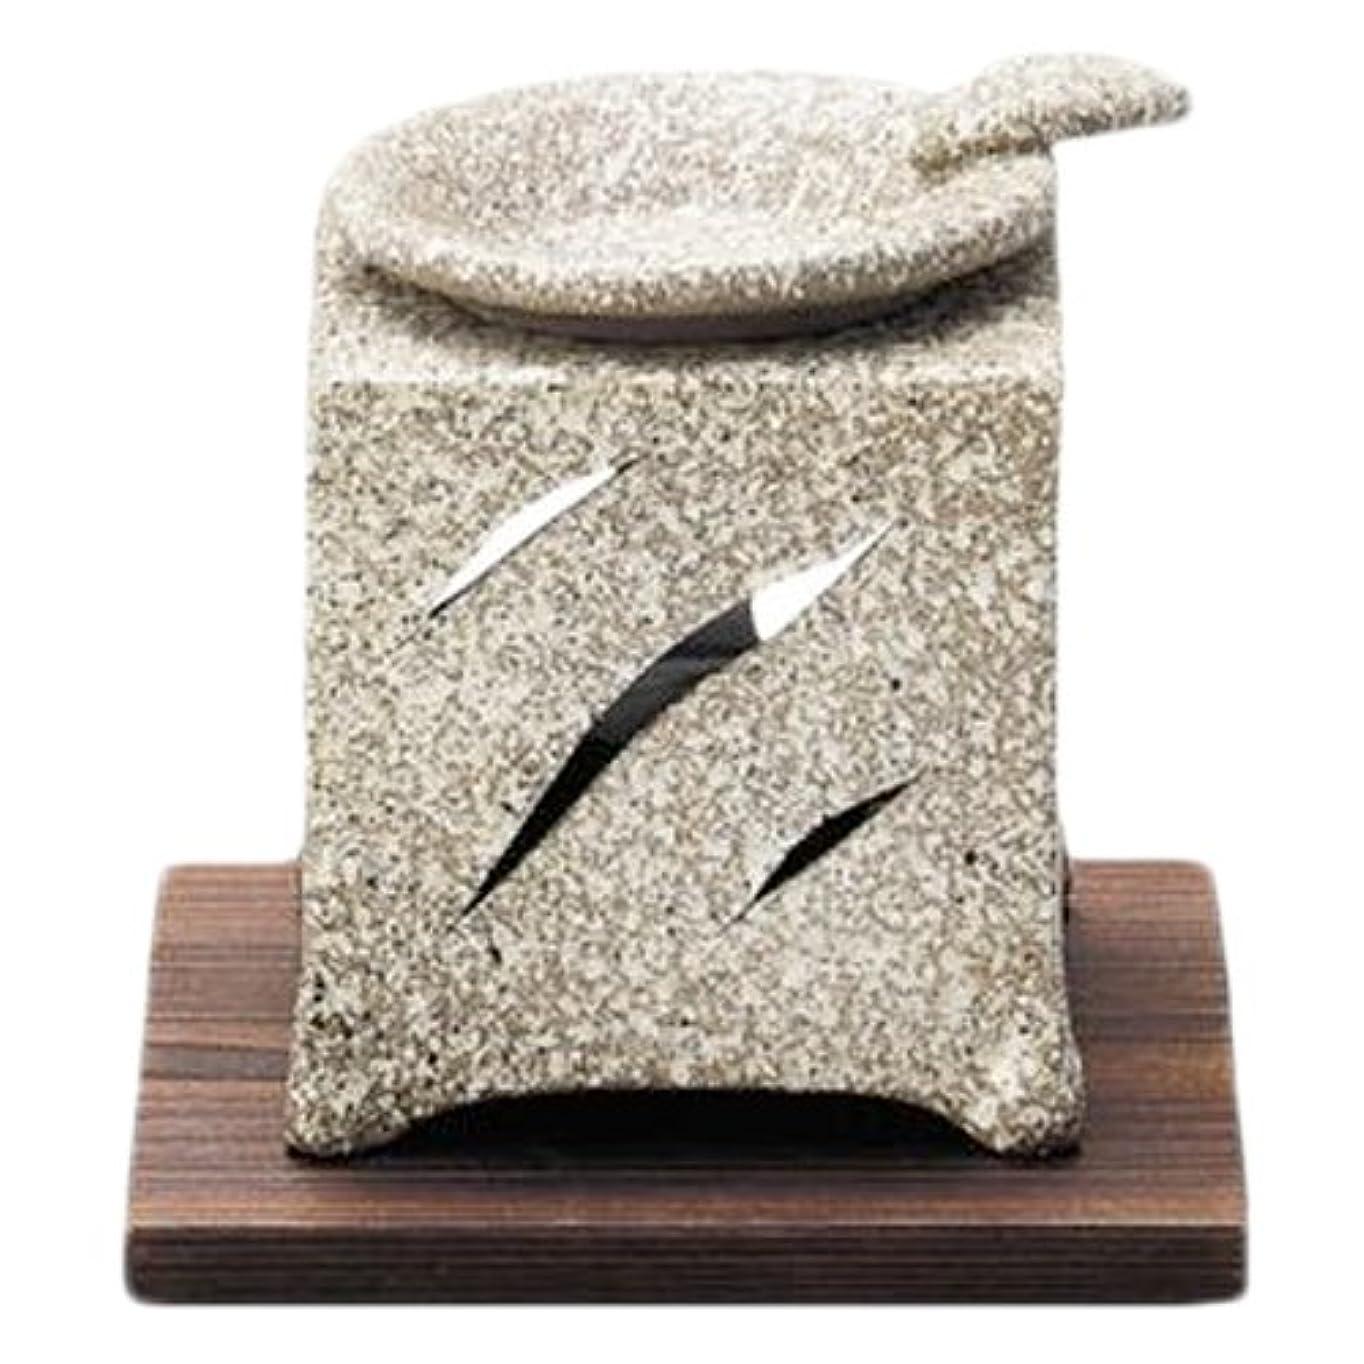 清めるラフゆでる常滑焼5-261山房 石風角形茶香炉 AM-T1054